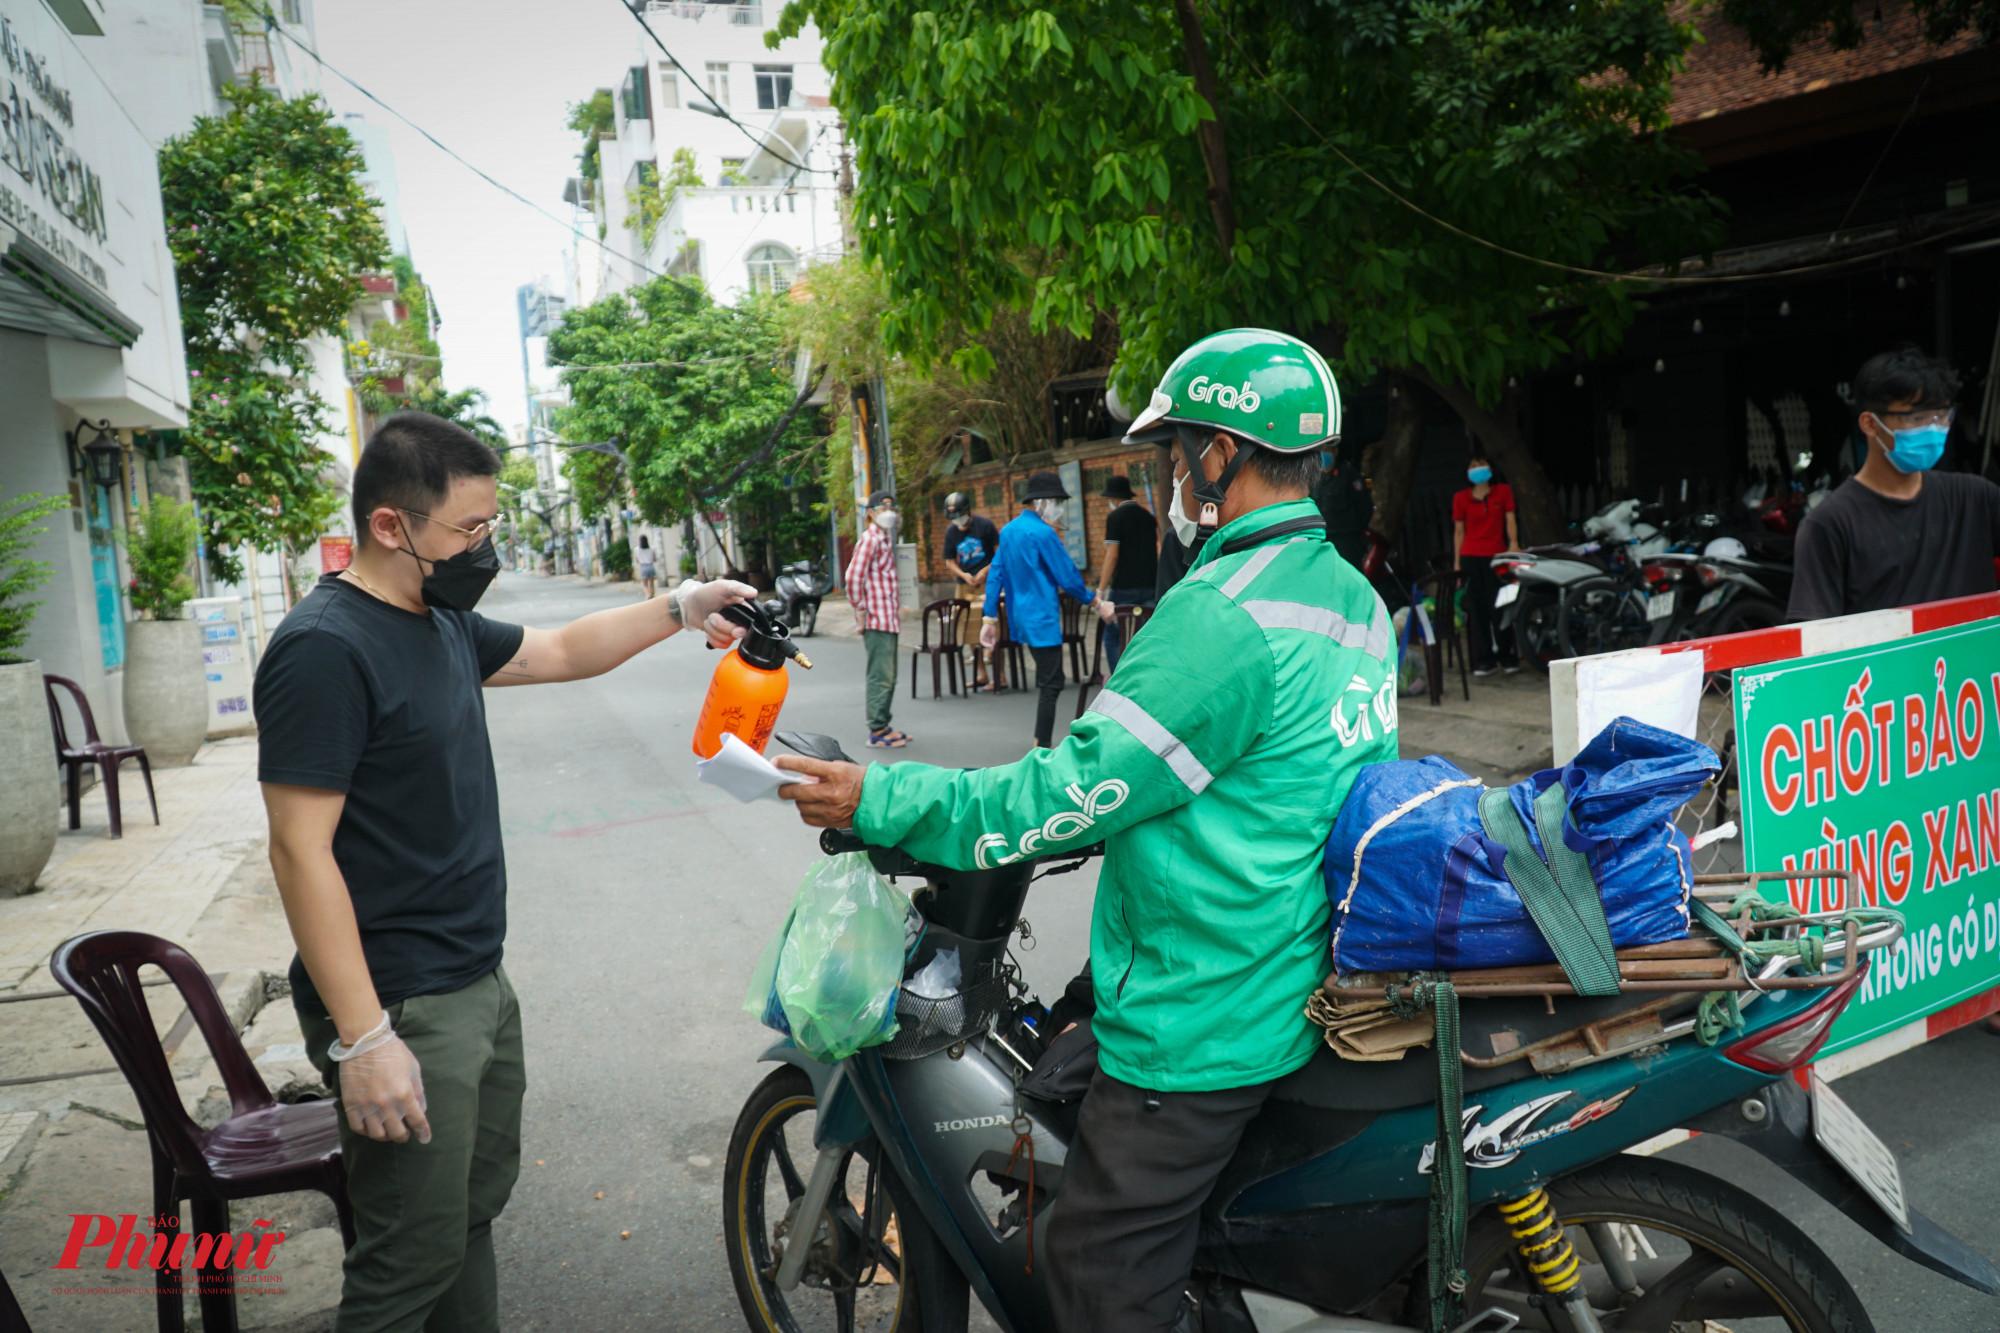 Sau khi sát khuẩn tay và món hàng, người giao hàng mới được vào trong khu phố